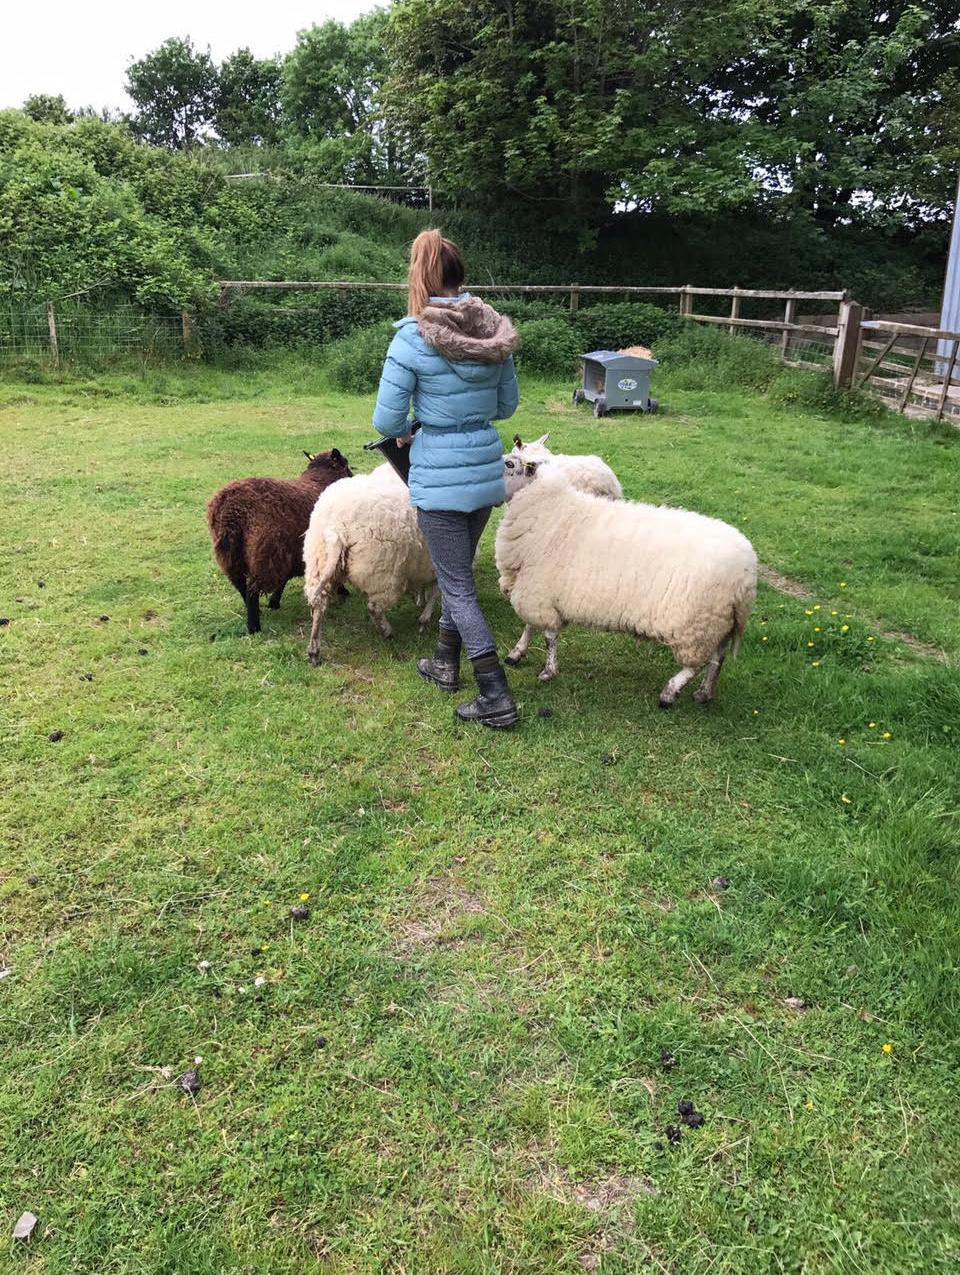 My Pet Sheep